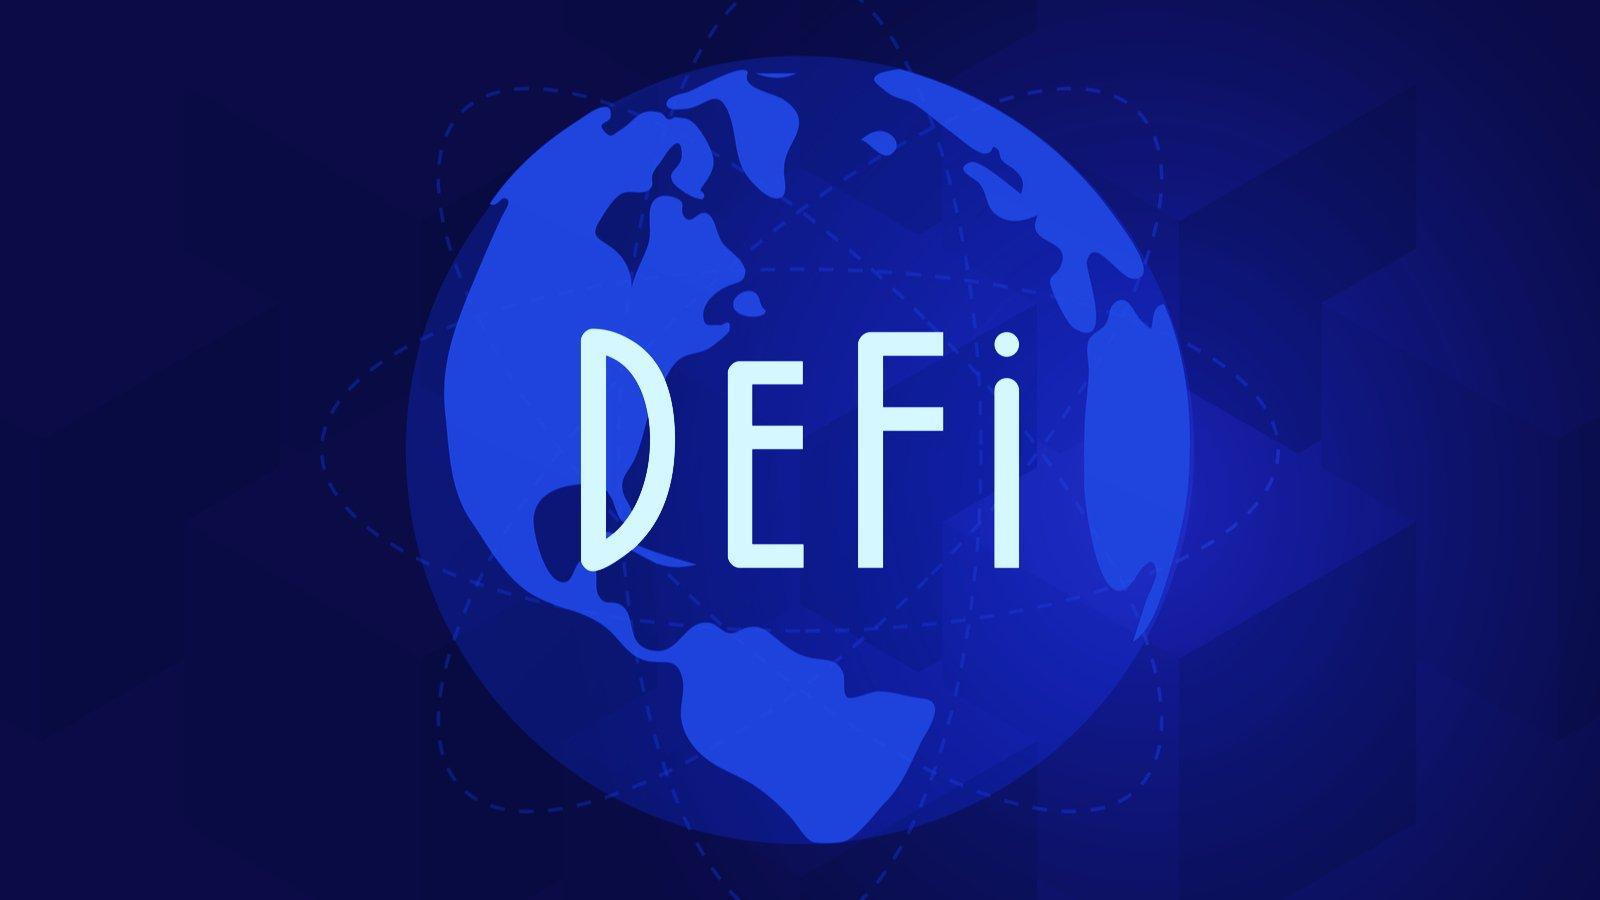 Peněžní tok z velkých institucí opět proudí do DeFi